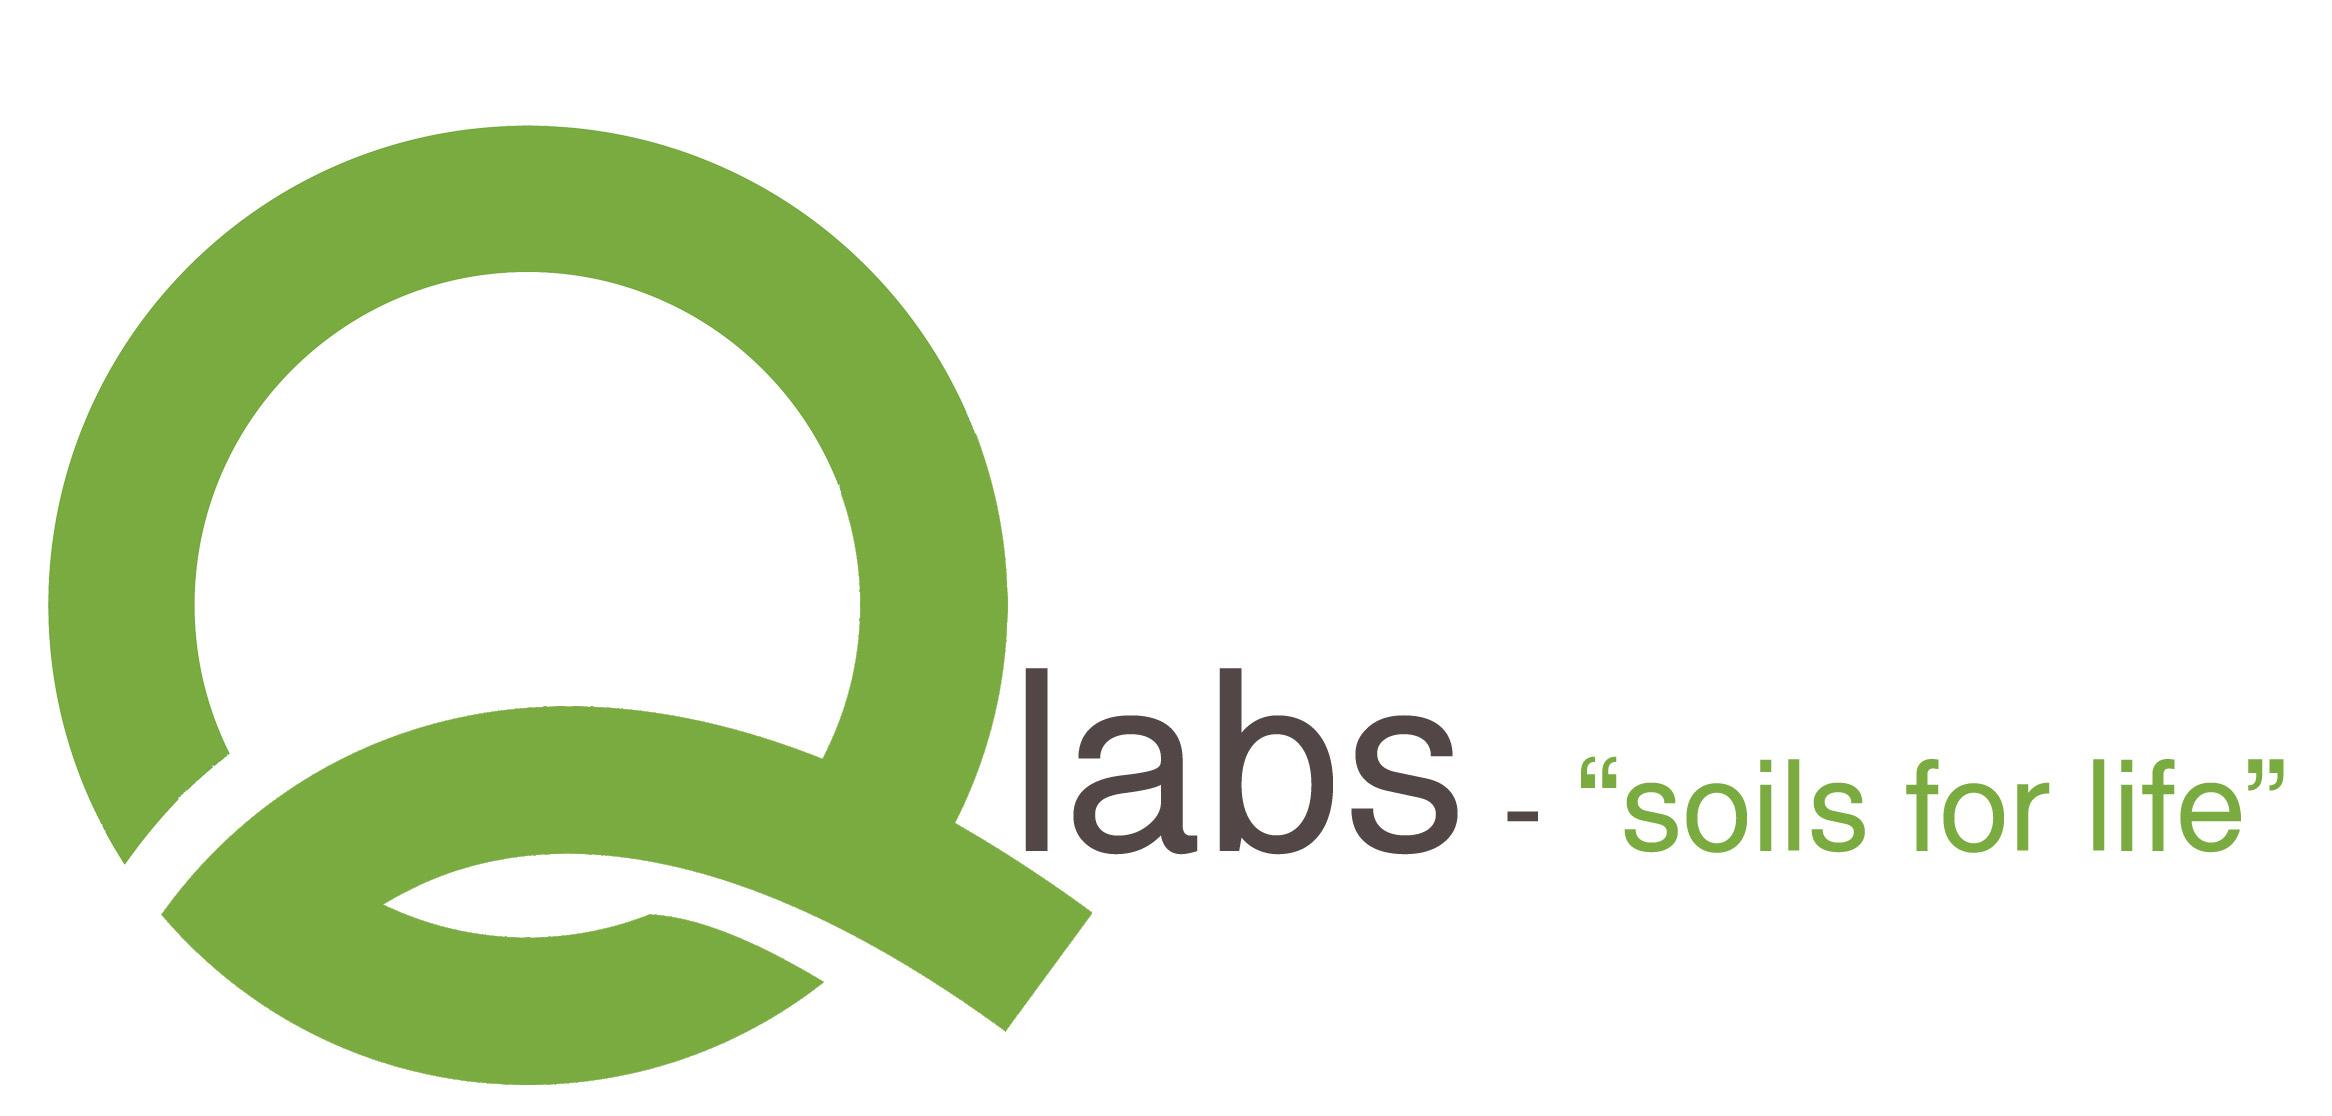 Qlabs Ltd NZ